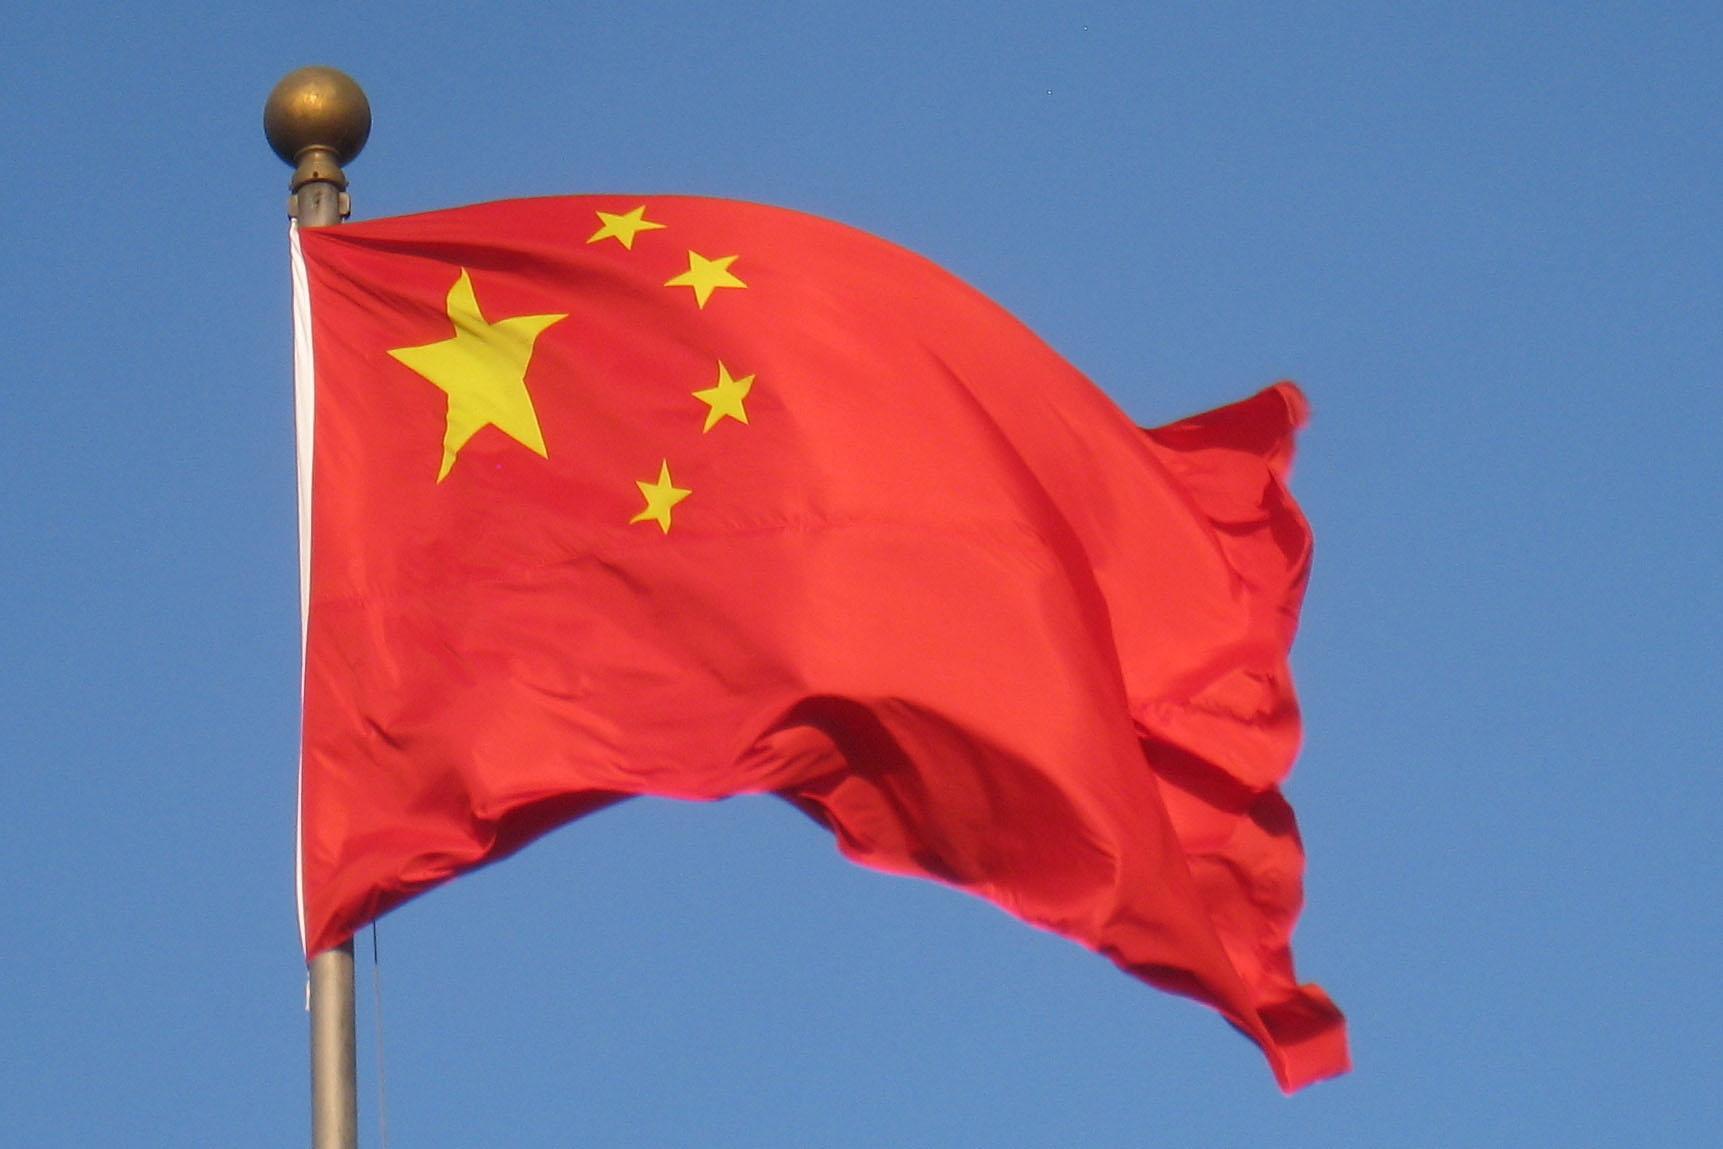 Хятад: Том амбицтай, явцуу сэтгэлгээтэй Америк дэлхийн худалдааны дүрмийг тогтоодоггүй юм